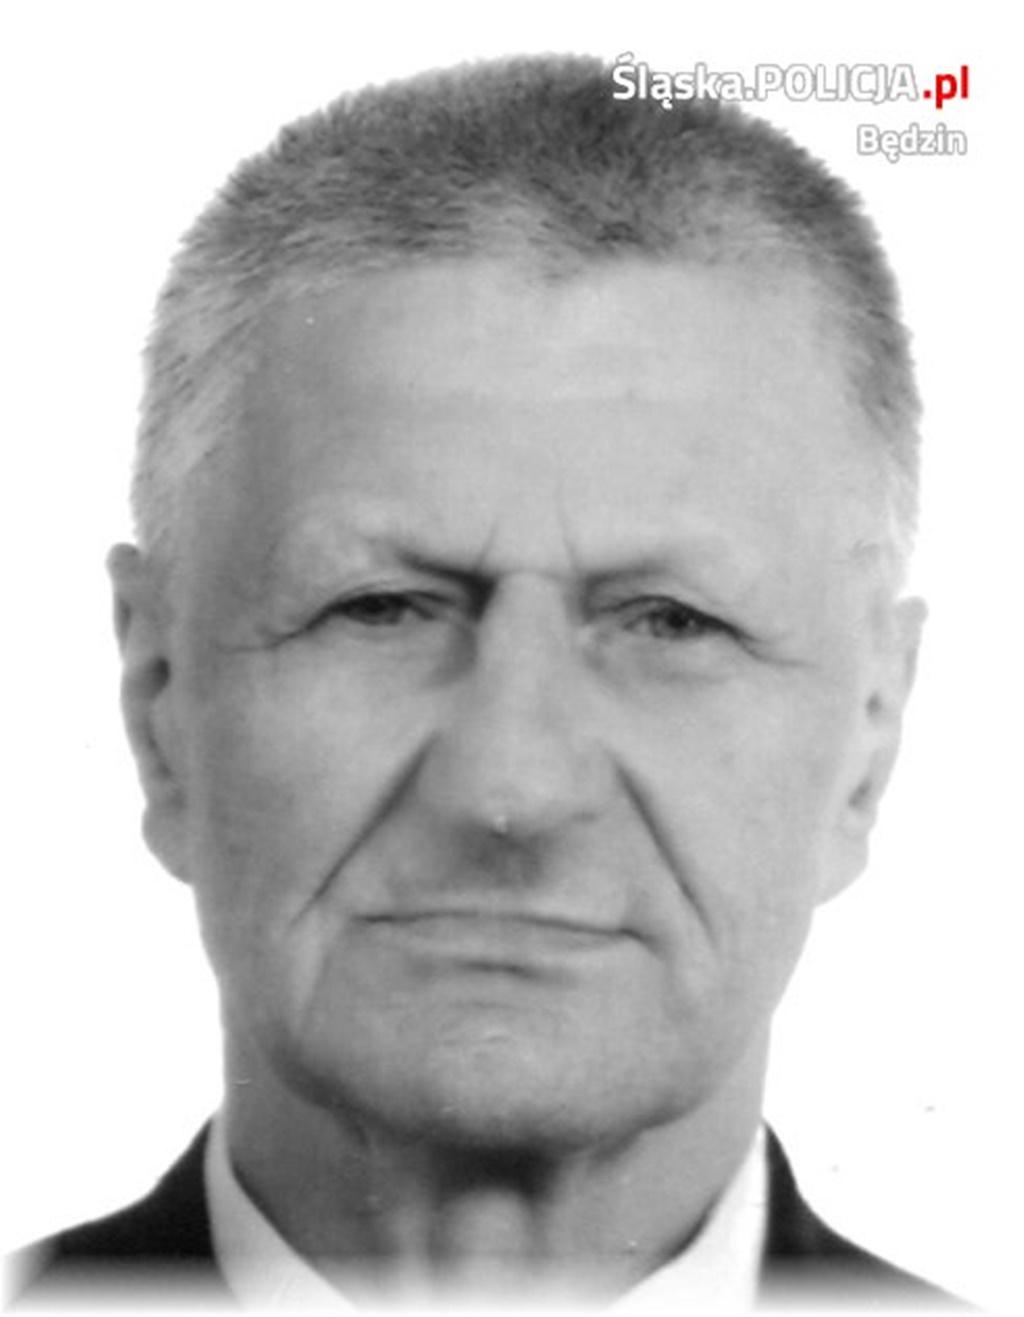 Zaginął Andrzej Lenarcik - fot. KPP Będzin